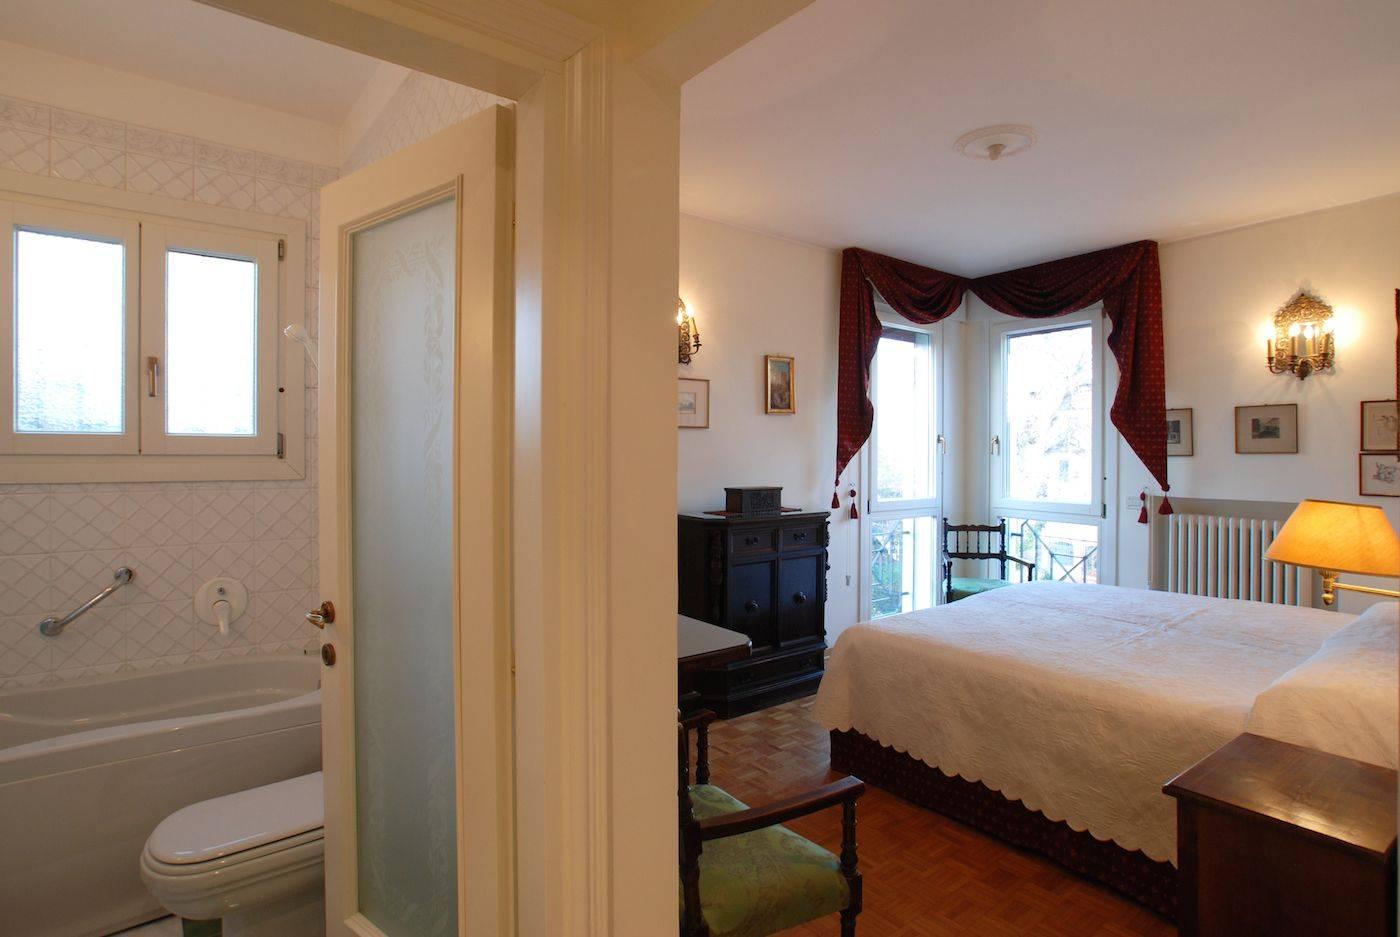 twin / double bedroom with en-suite bathroom